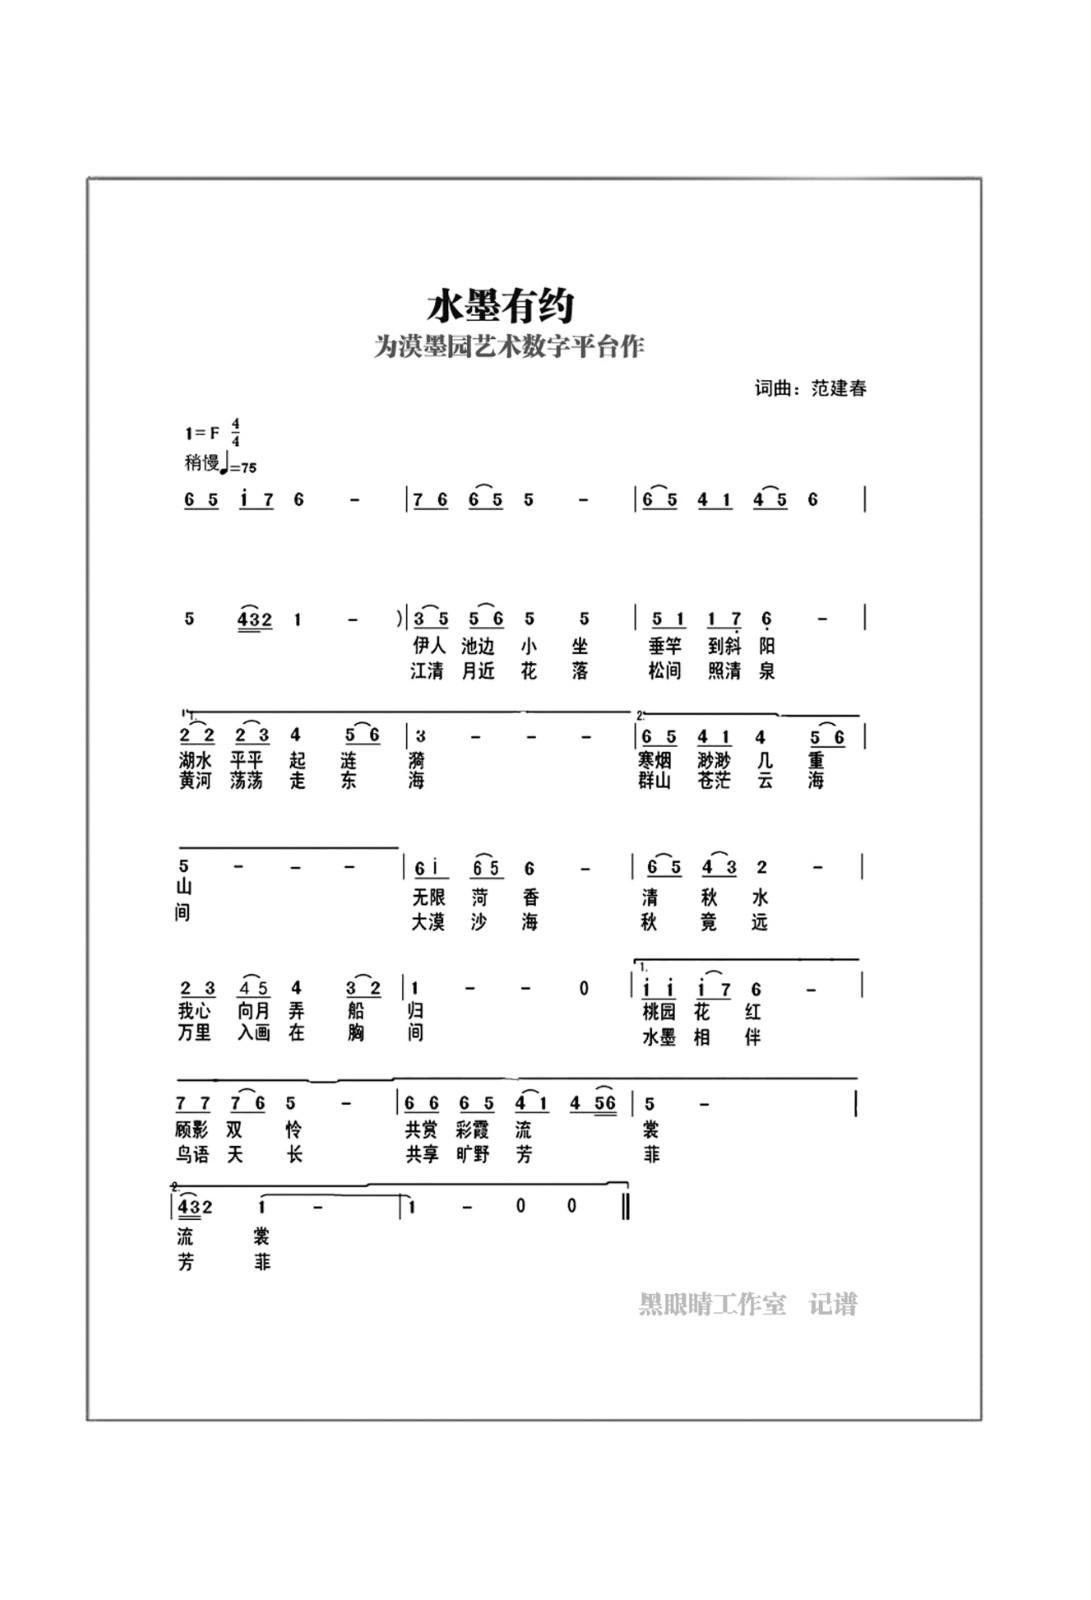 为漠墨园艺术数字平台写了一首歌_图1-1